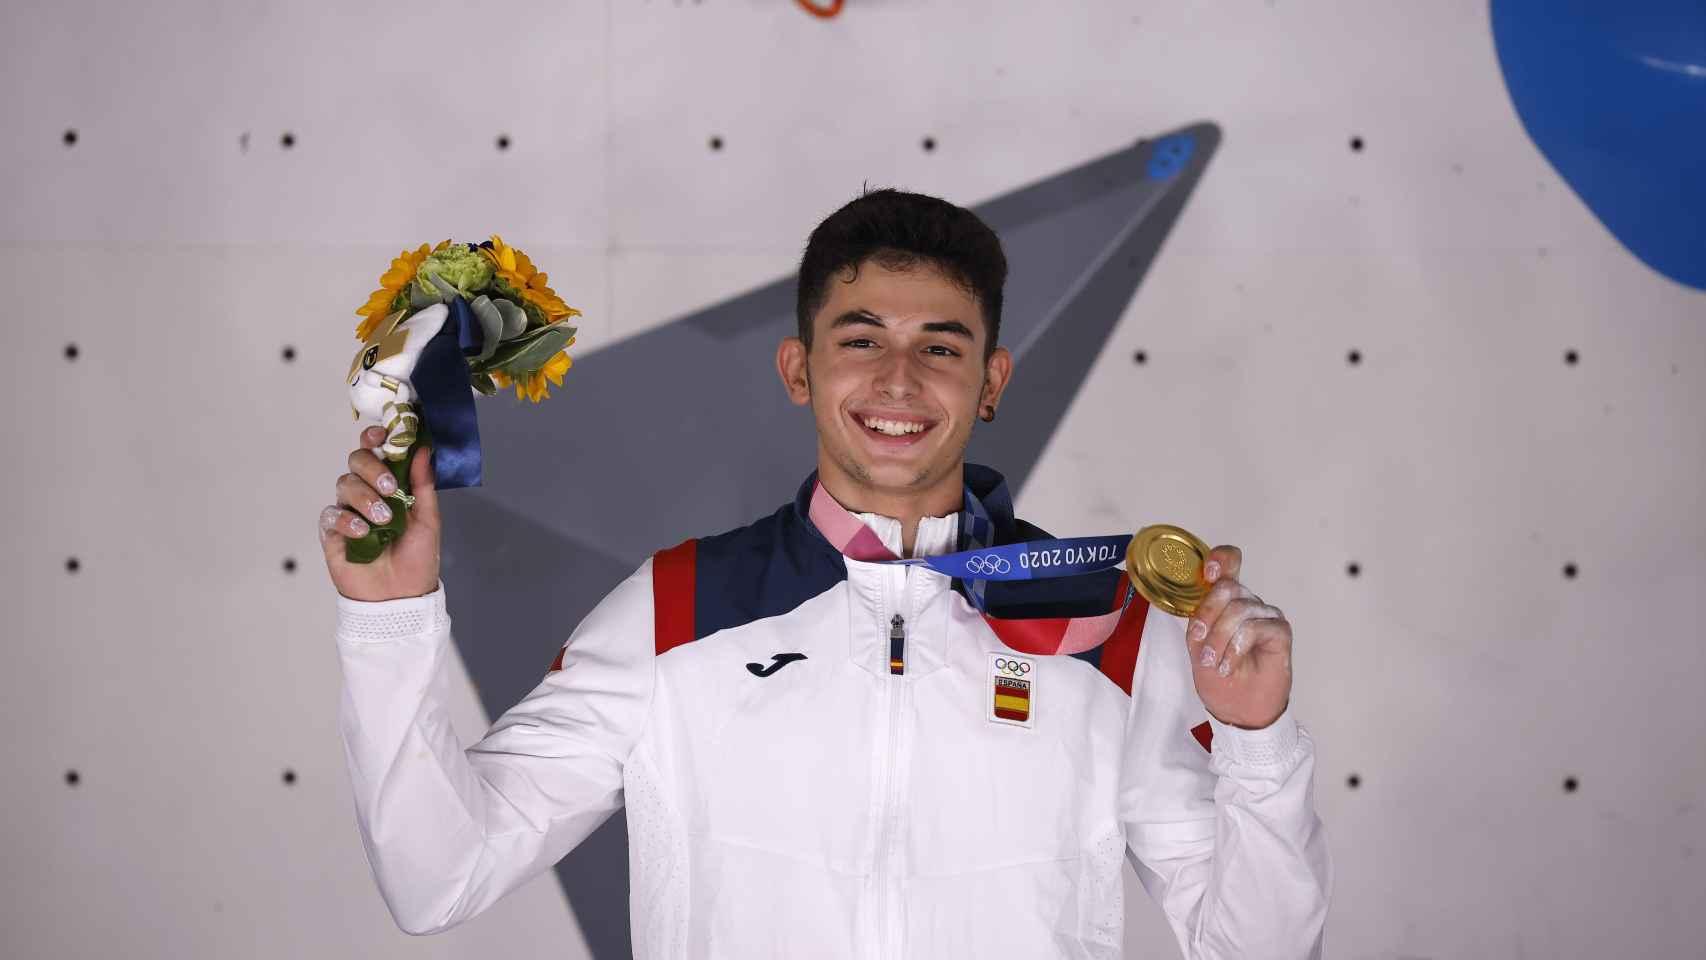 Alberto Ginés posa con la medalla